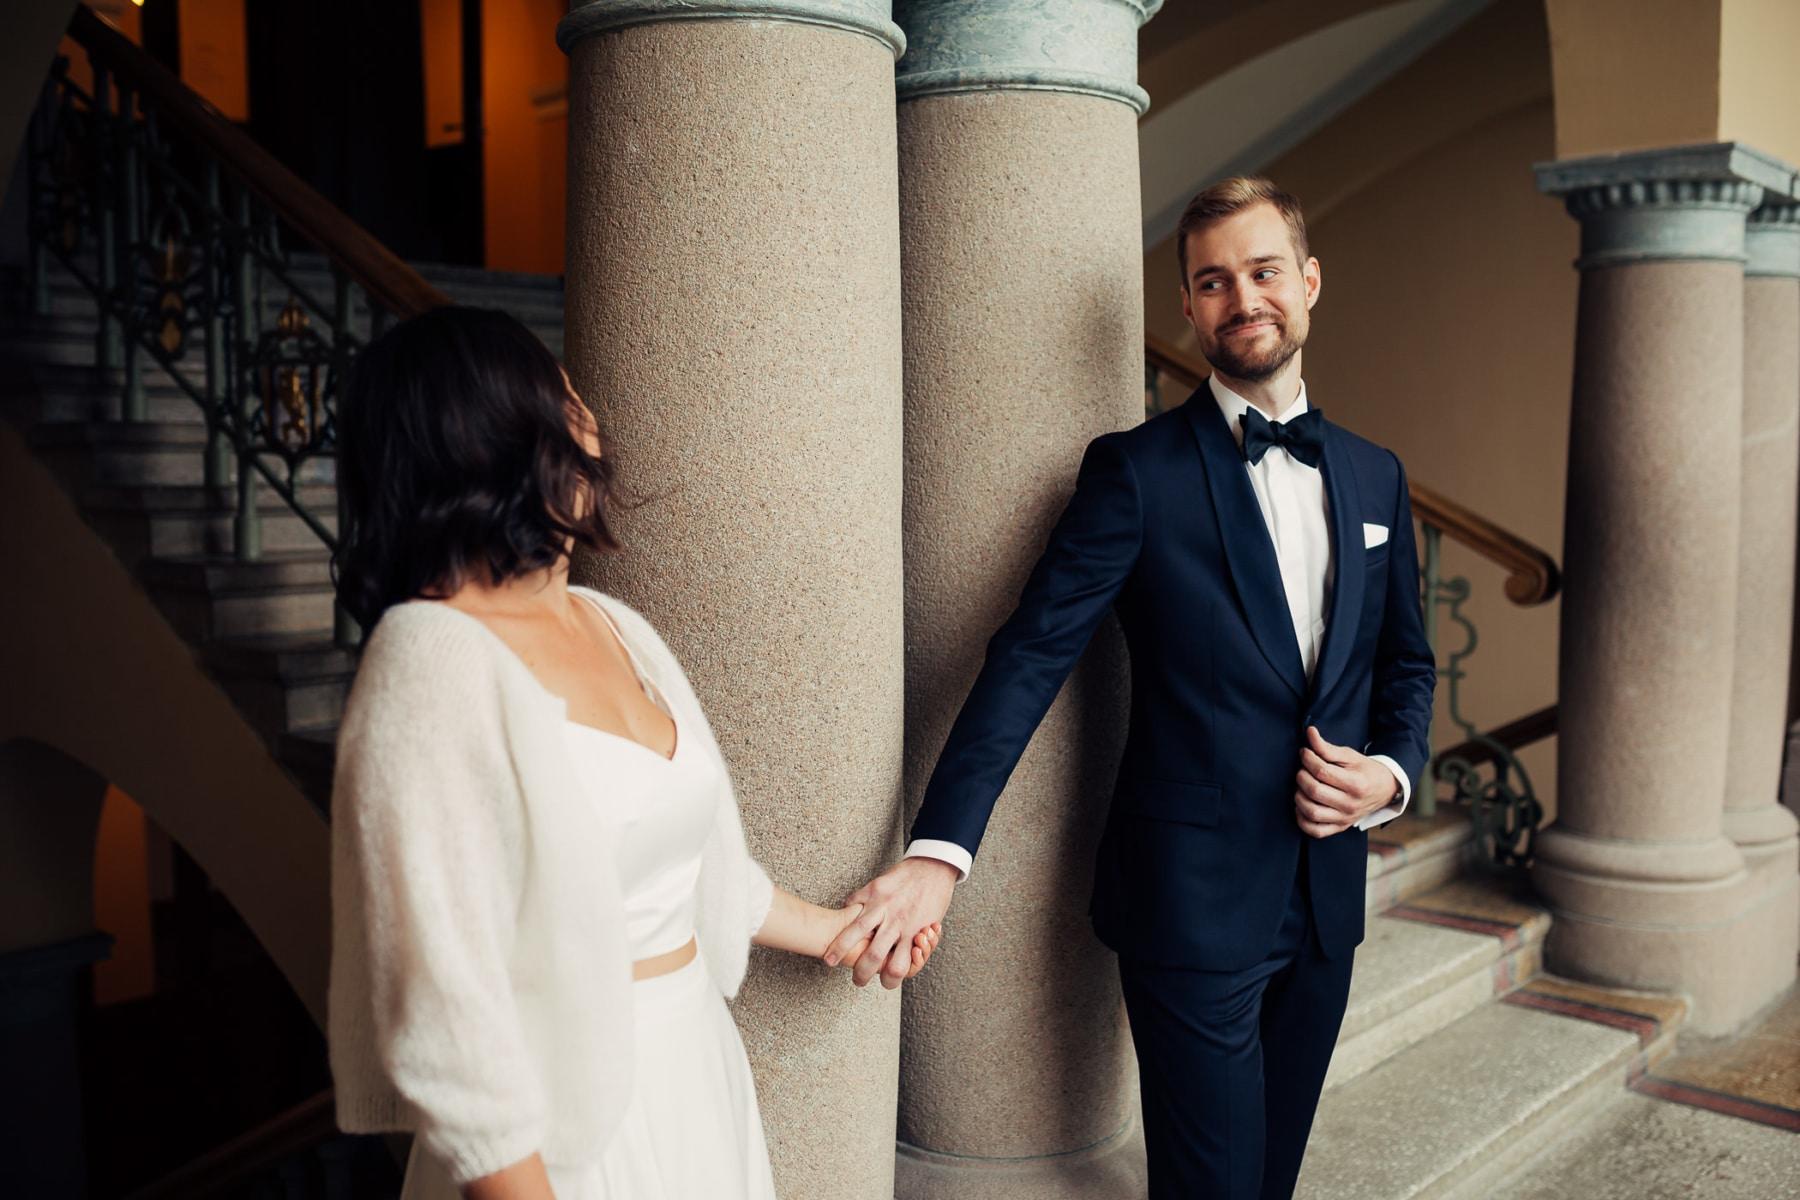 Caroline & Bendik - avslappet og morsomt bryllup i Ski Fotograf bryllup ski 7 Brudepar